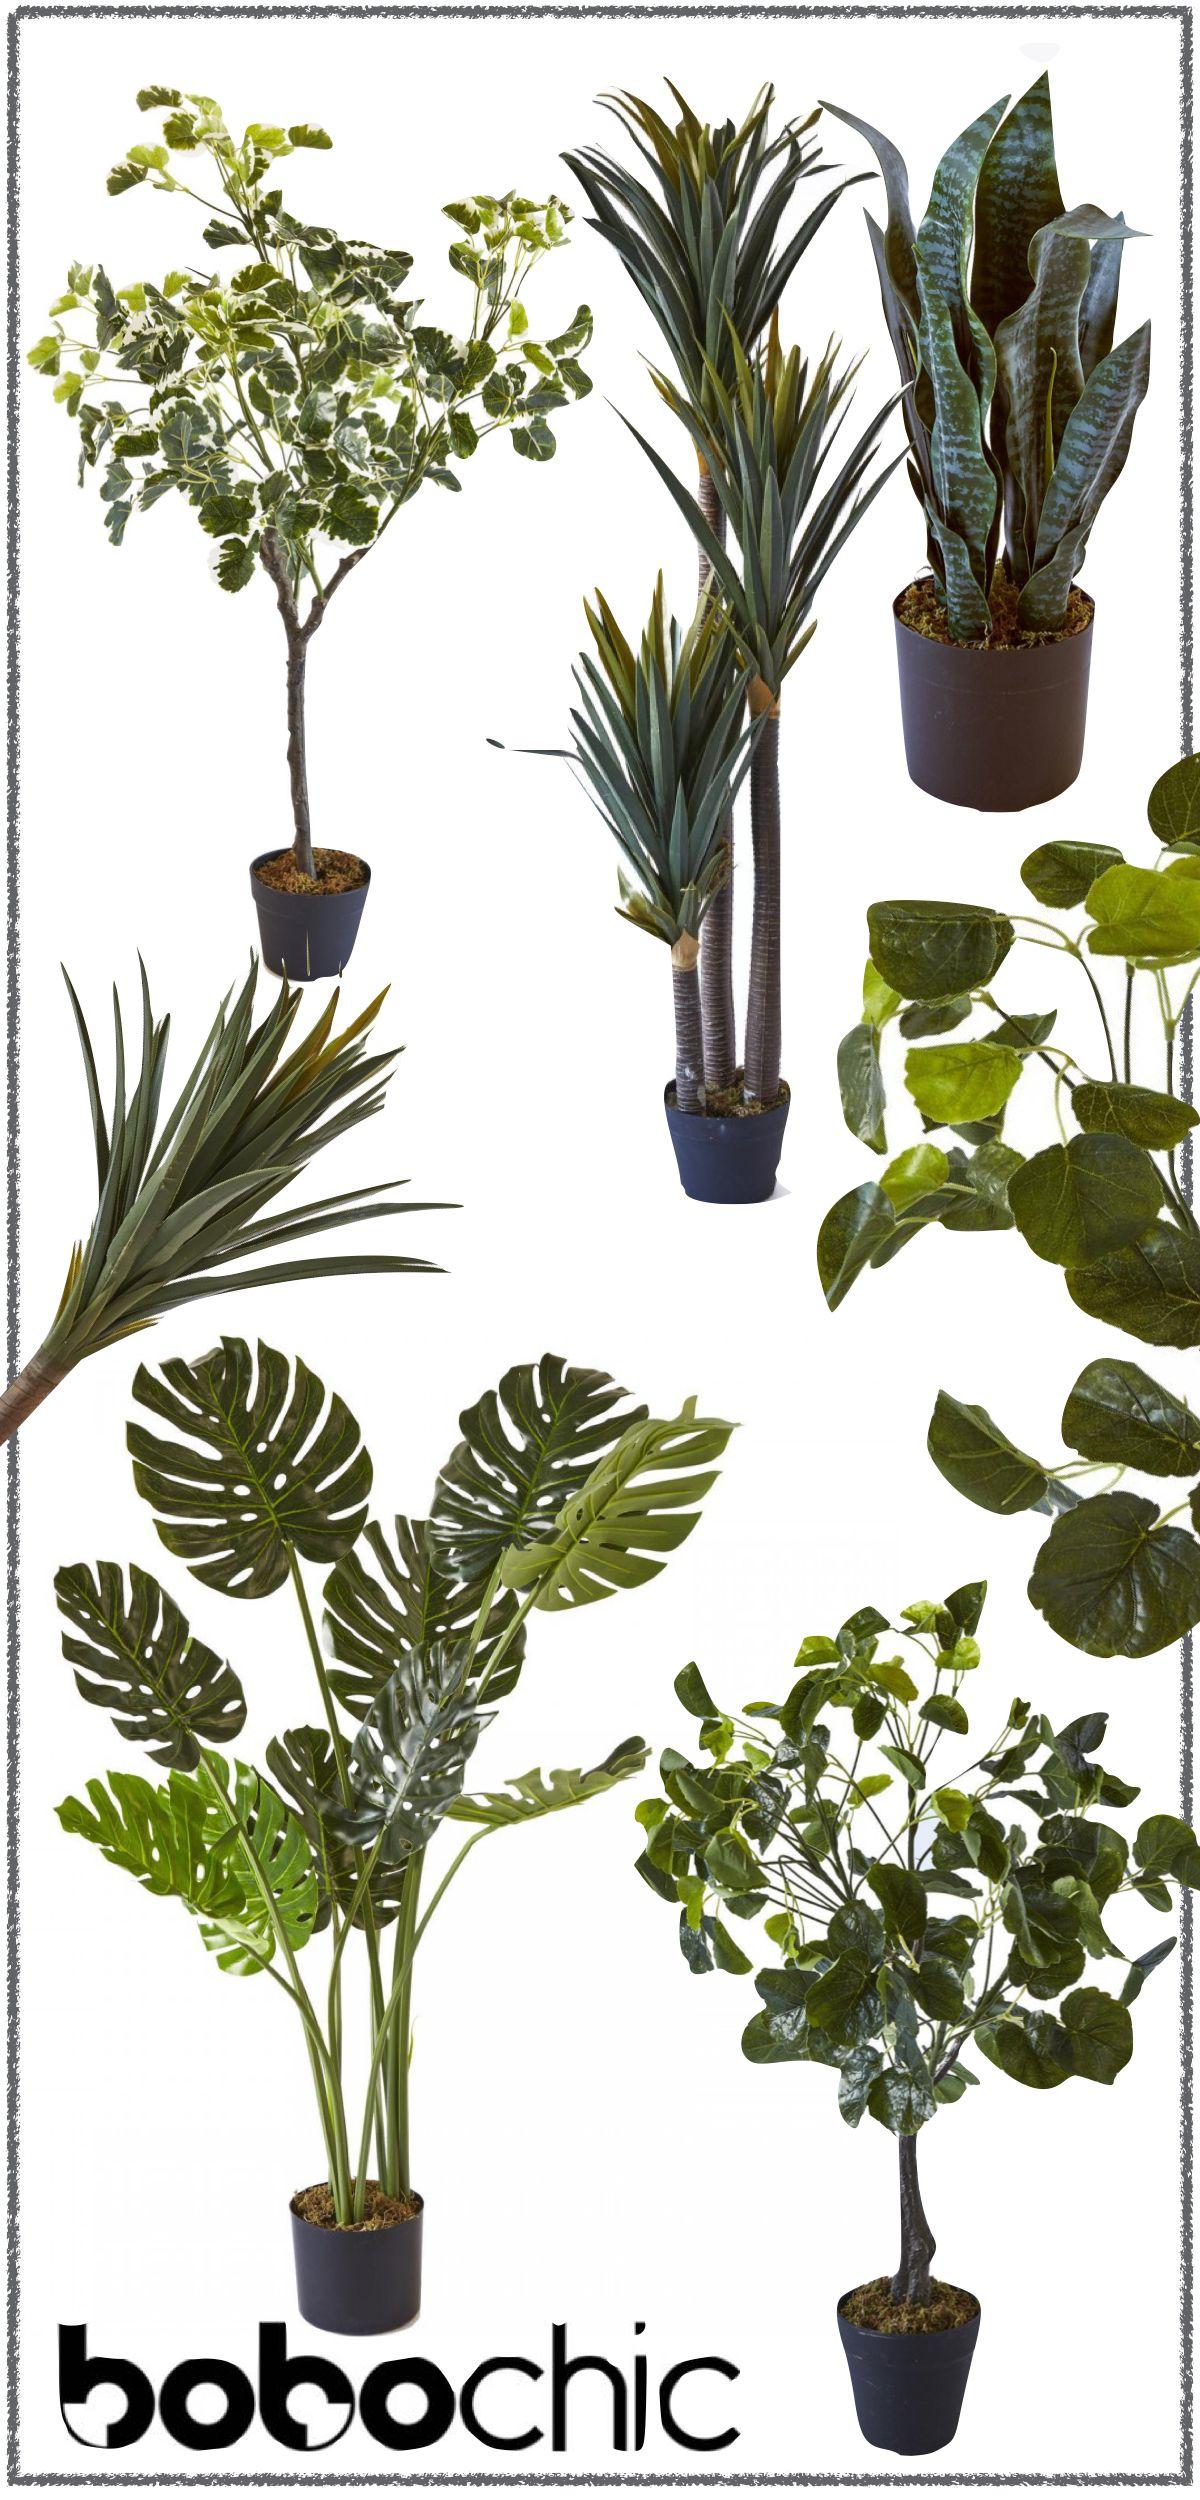 Epingle Par Malika Sur ورووود Fausse Plante Plante Decoration Plante